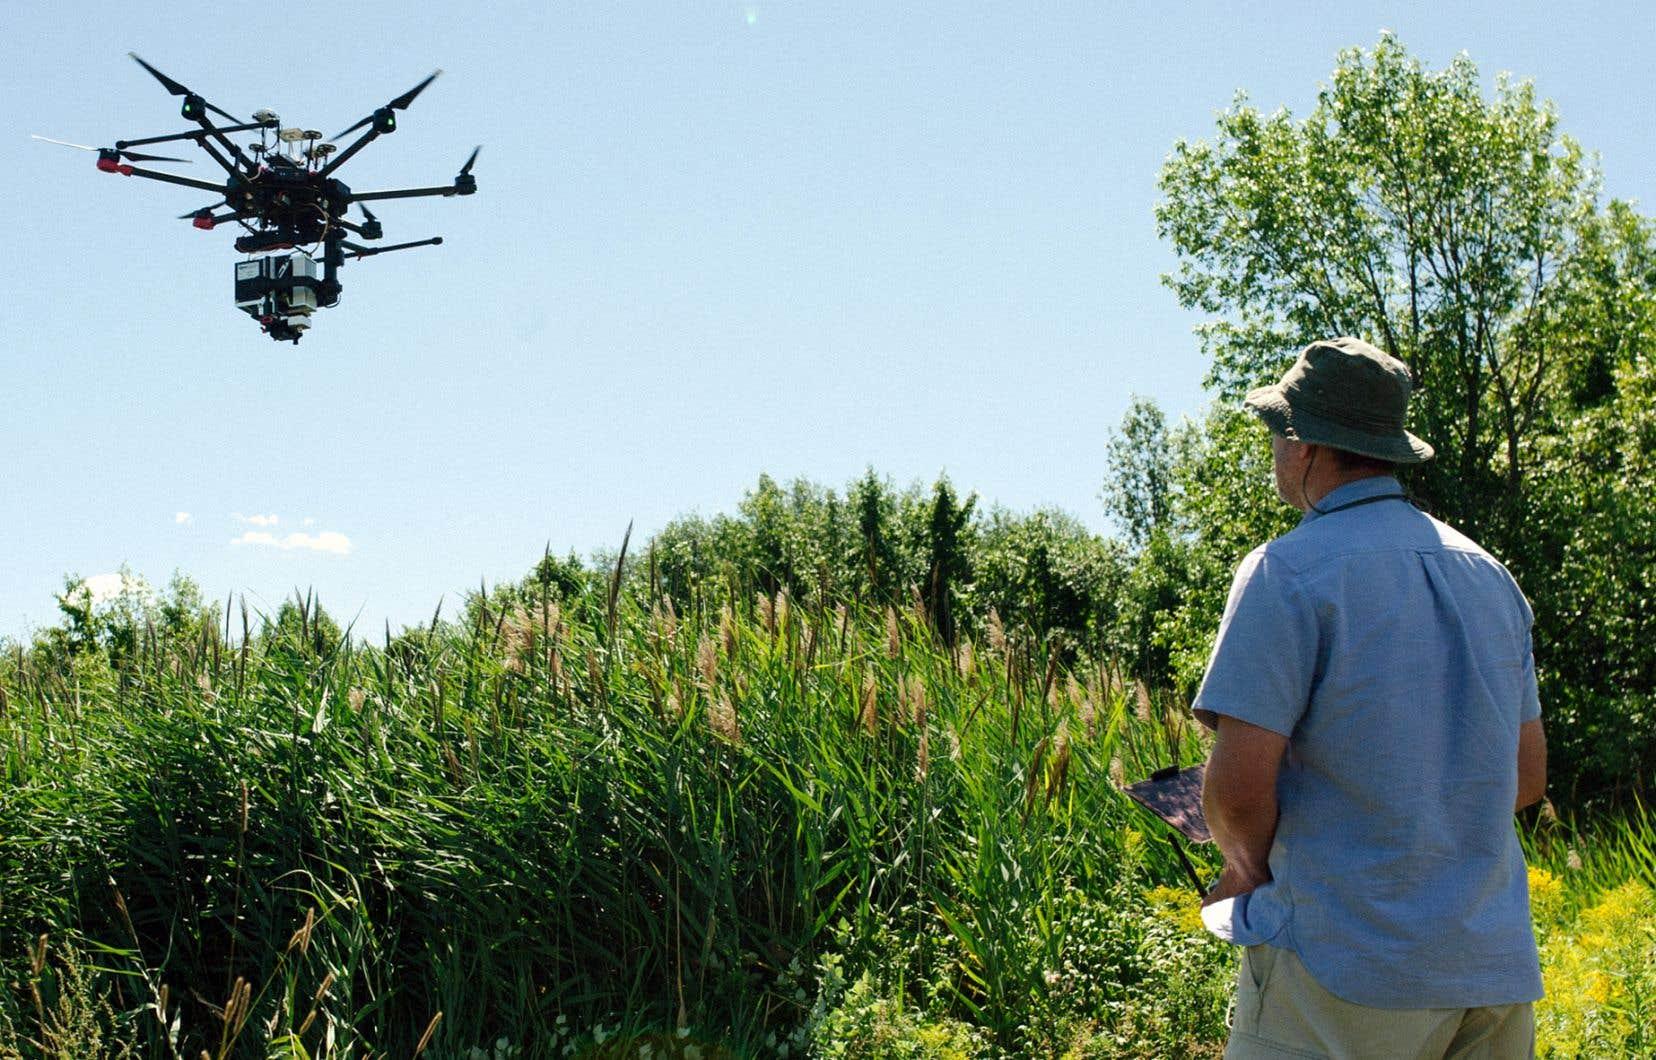 Le pilote Oliver Lucanus fait atterrir son drone sur l'île Grosbois, aux îles de Boucherville.